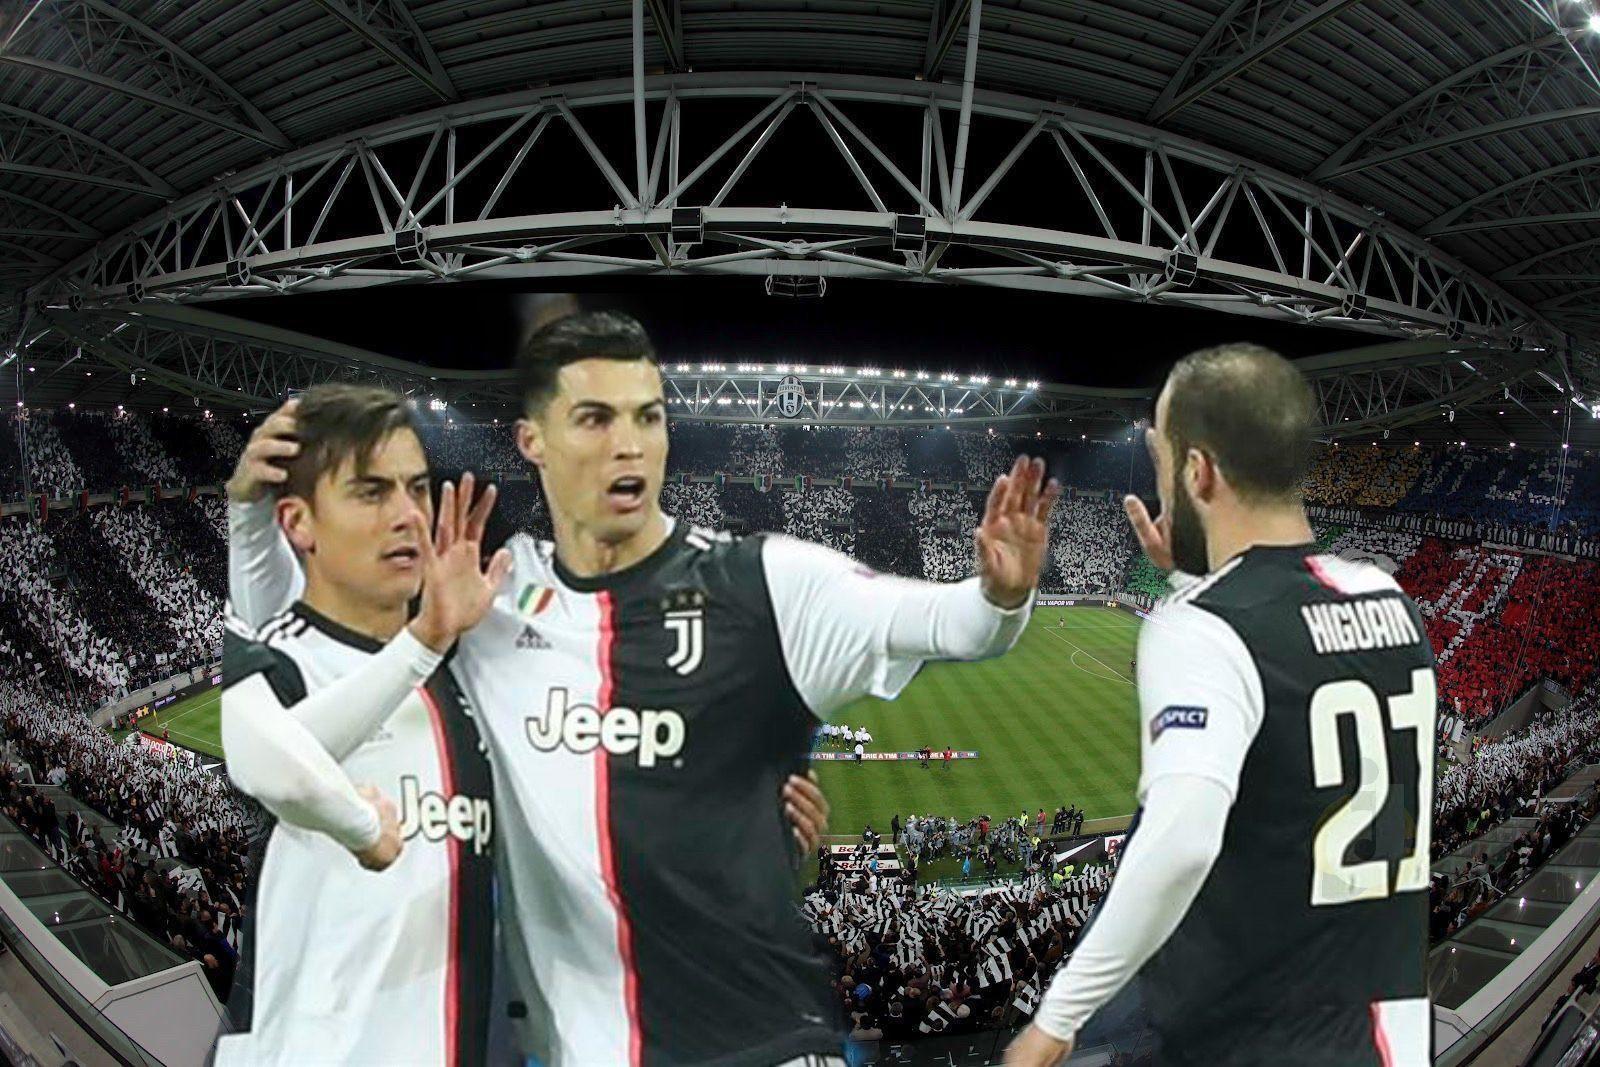 Coppa Italia, Juventus Roma probabili formazioni: rivoluzione Sarri! Buffon dal 1′, fuori Dybala e De Ligt